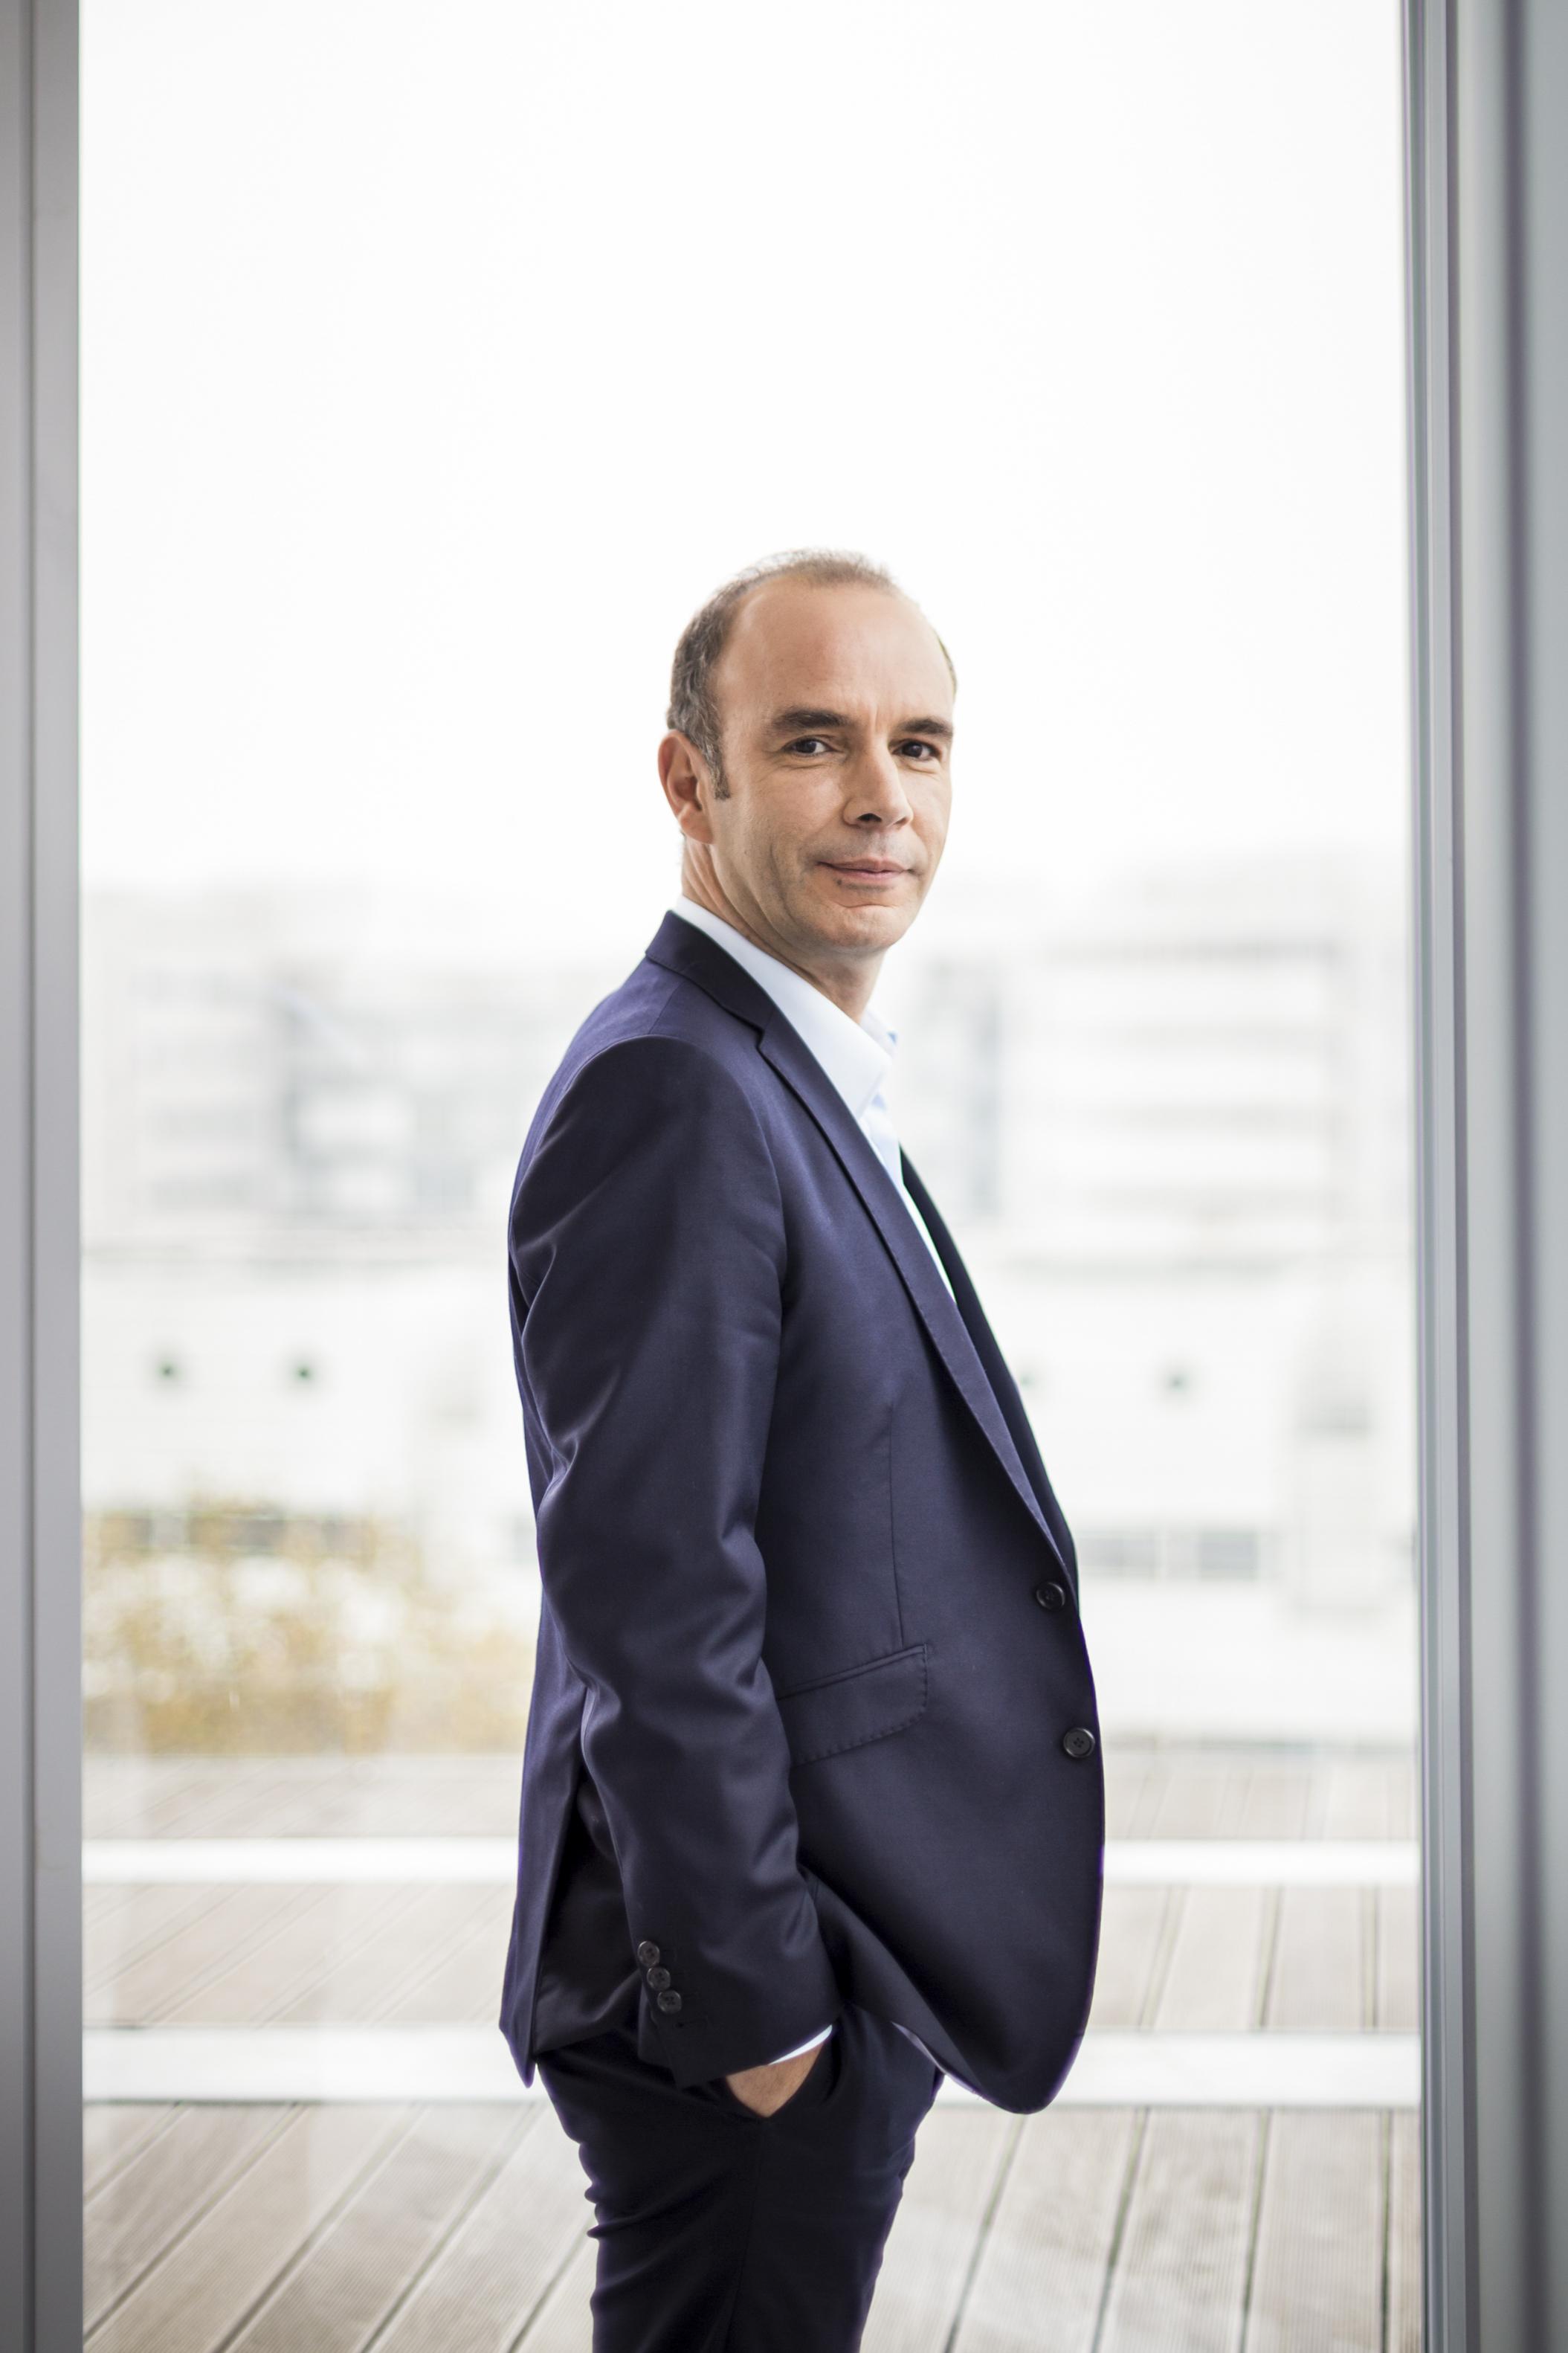 Pierre-Henry Médan dirige Next Média Solutions (ex NextRégie), la régie des médias du groupe Altice (BFM, RMC, Libération, L'Express...)